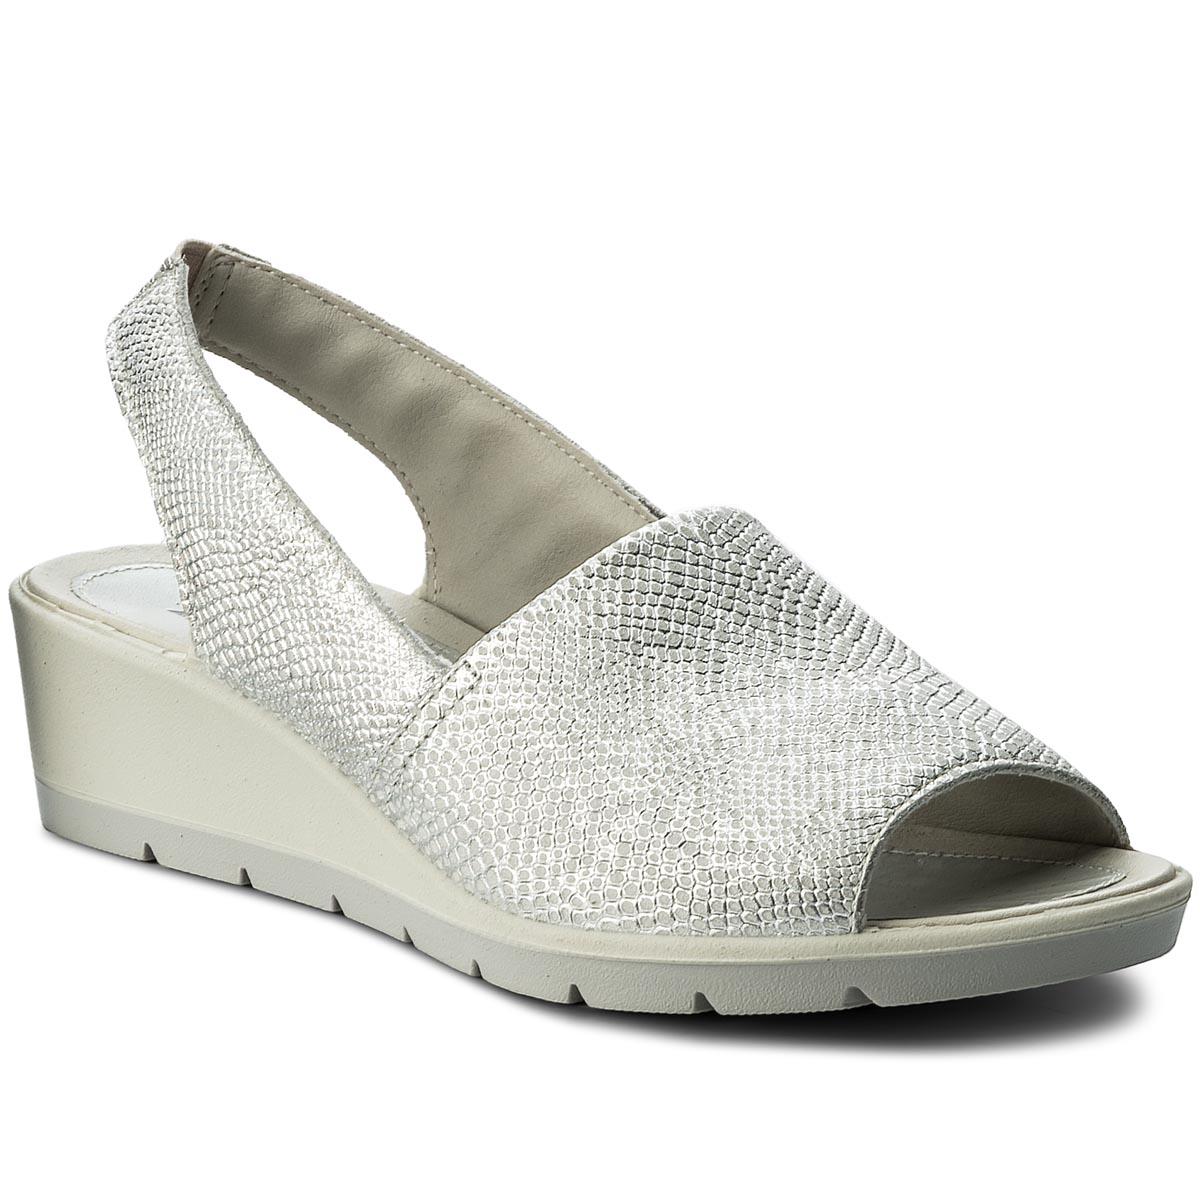 a3d2c424c9f6 Sandále IMAC - 108720 Silver Grey 16091 018 - Glami.sk